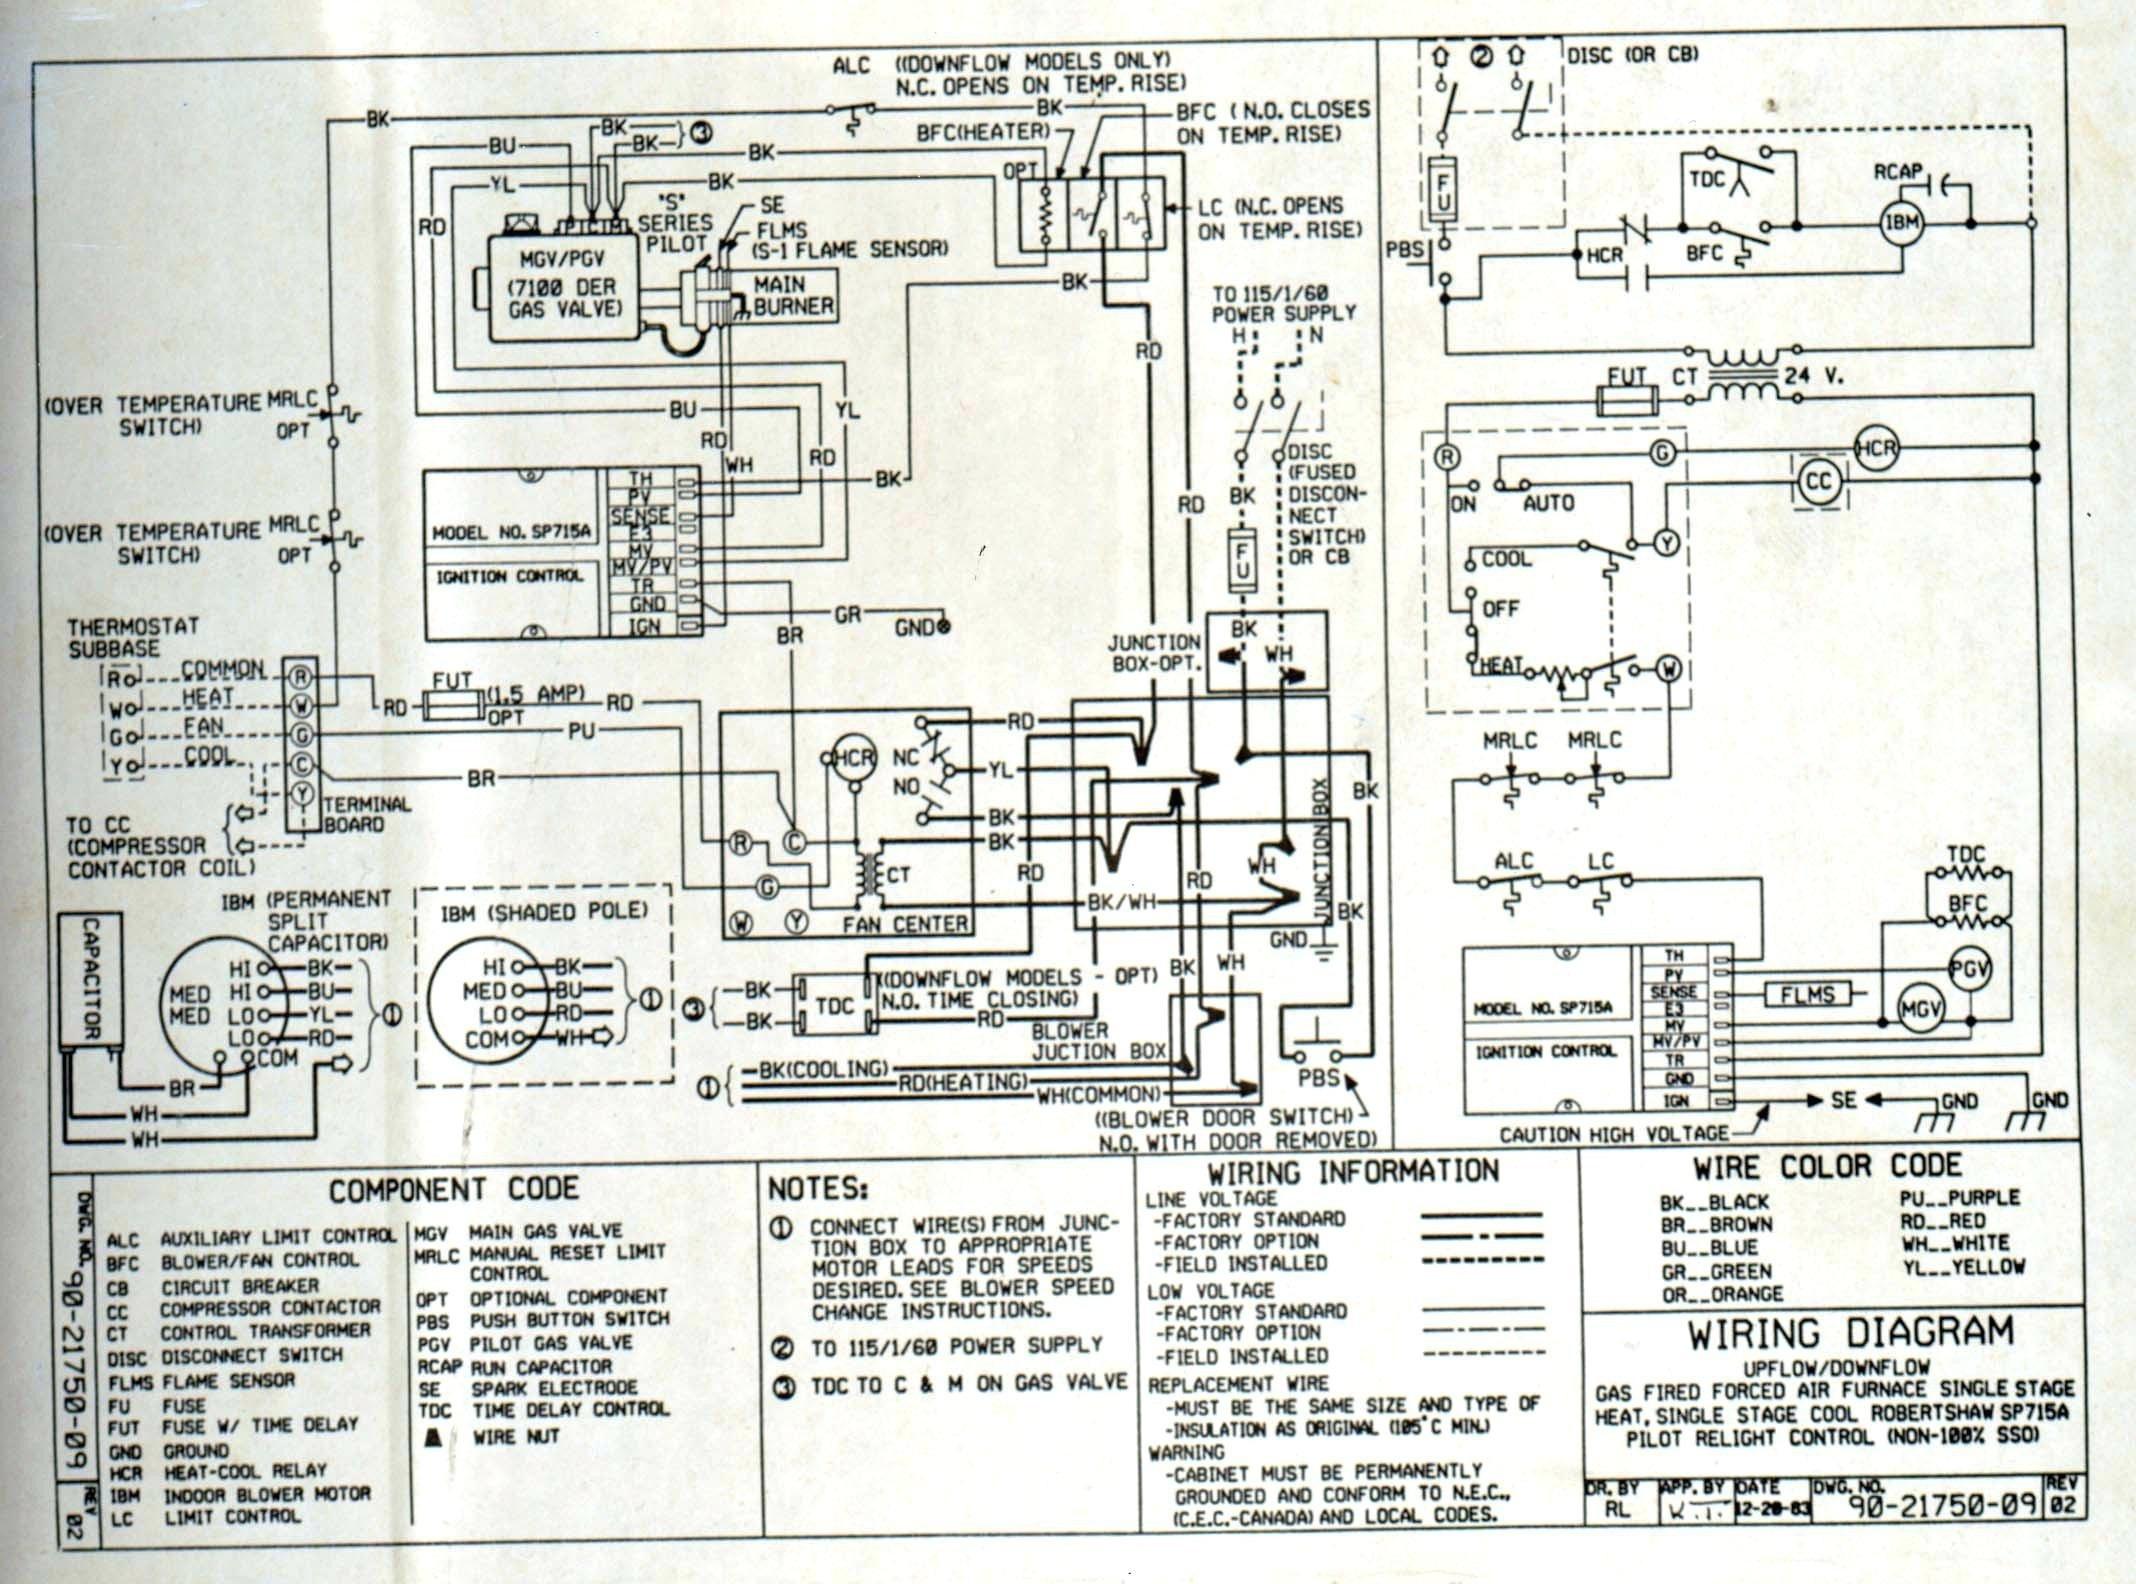 fbp 1 40x wiring diagram wiring diagrams digital bodine emergency ballast wiring diagram